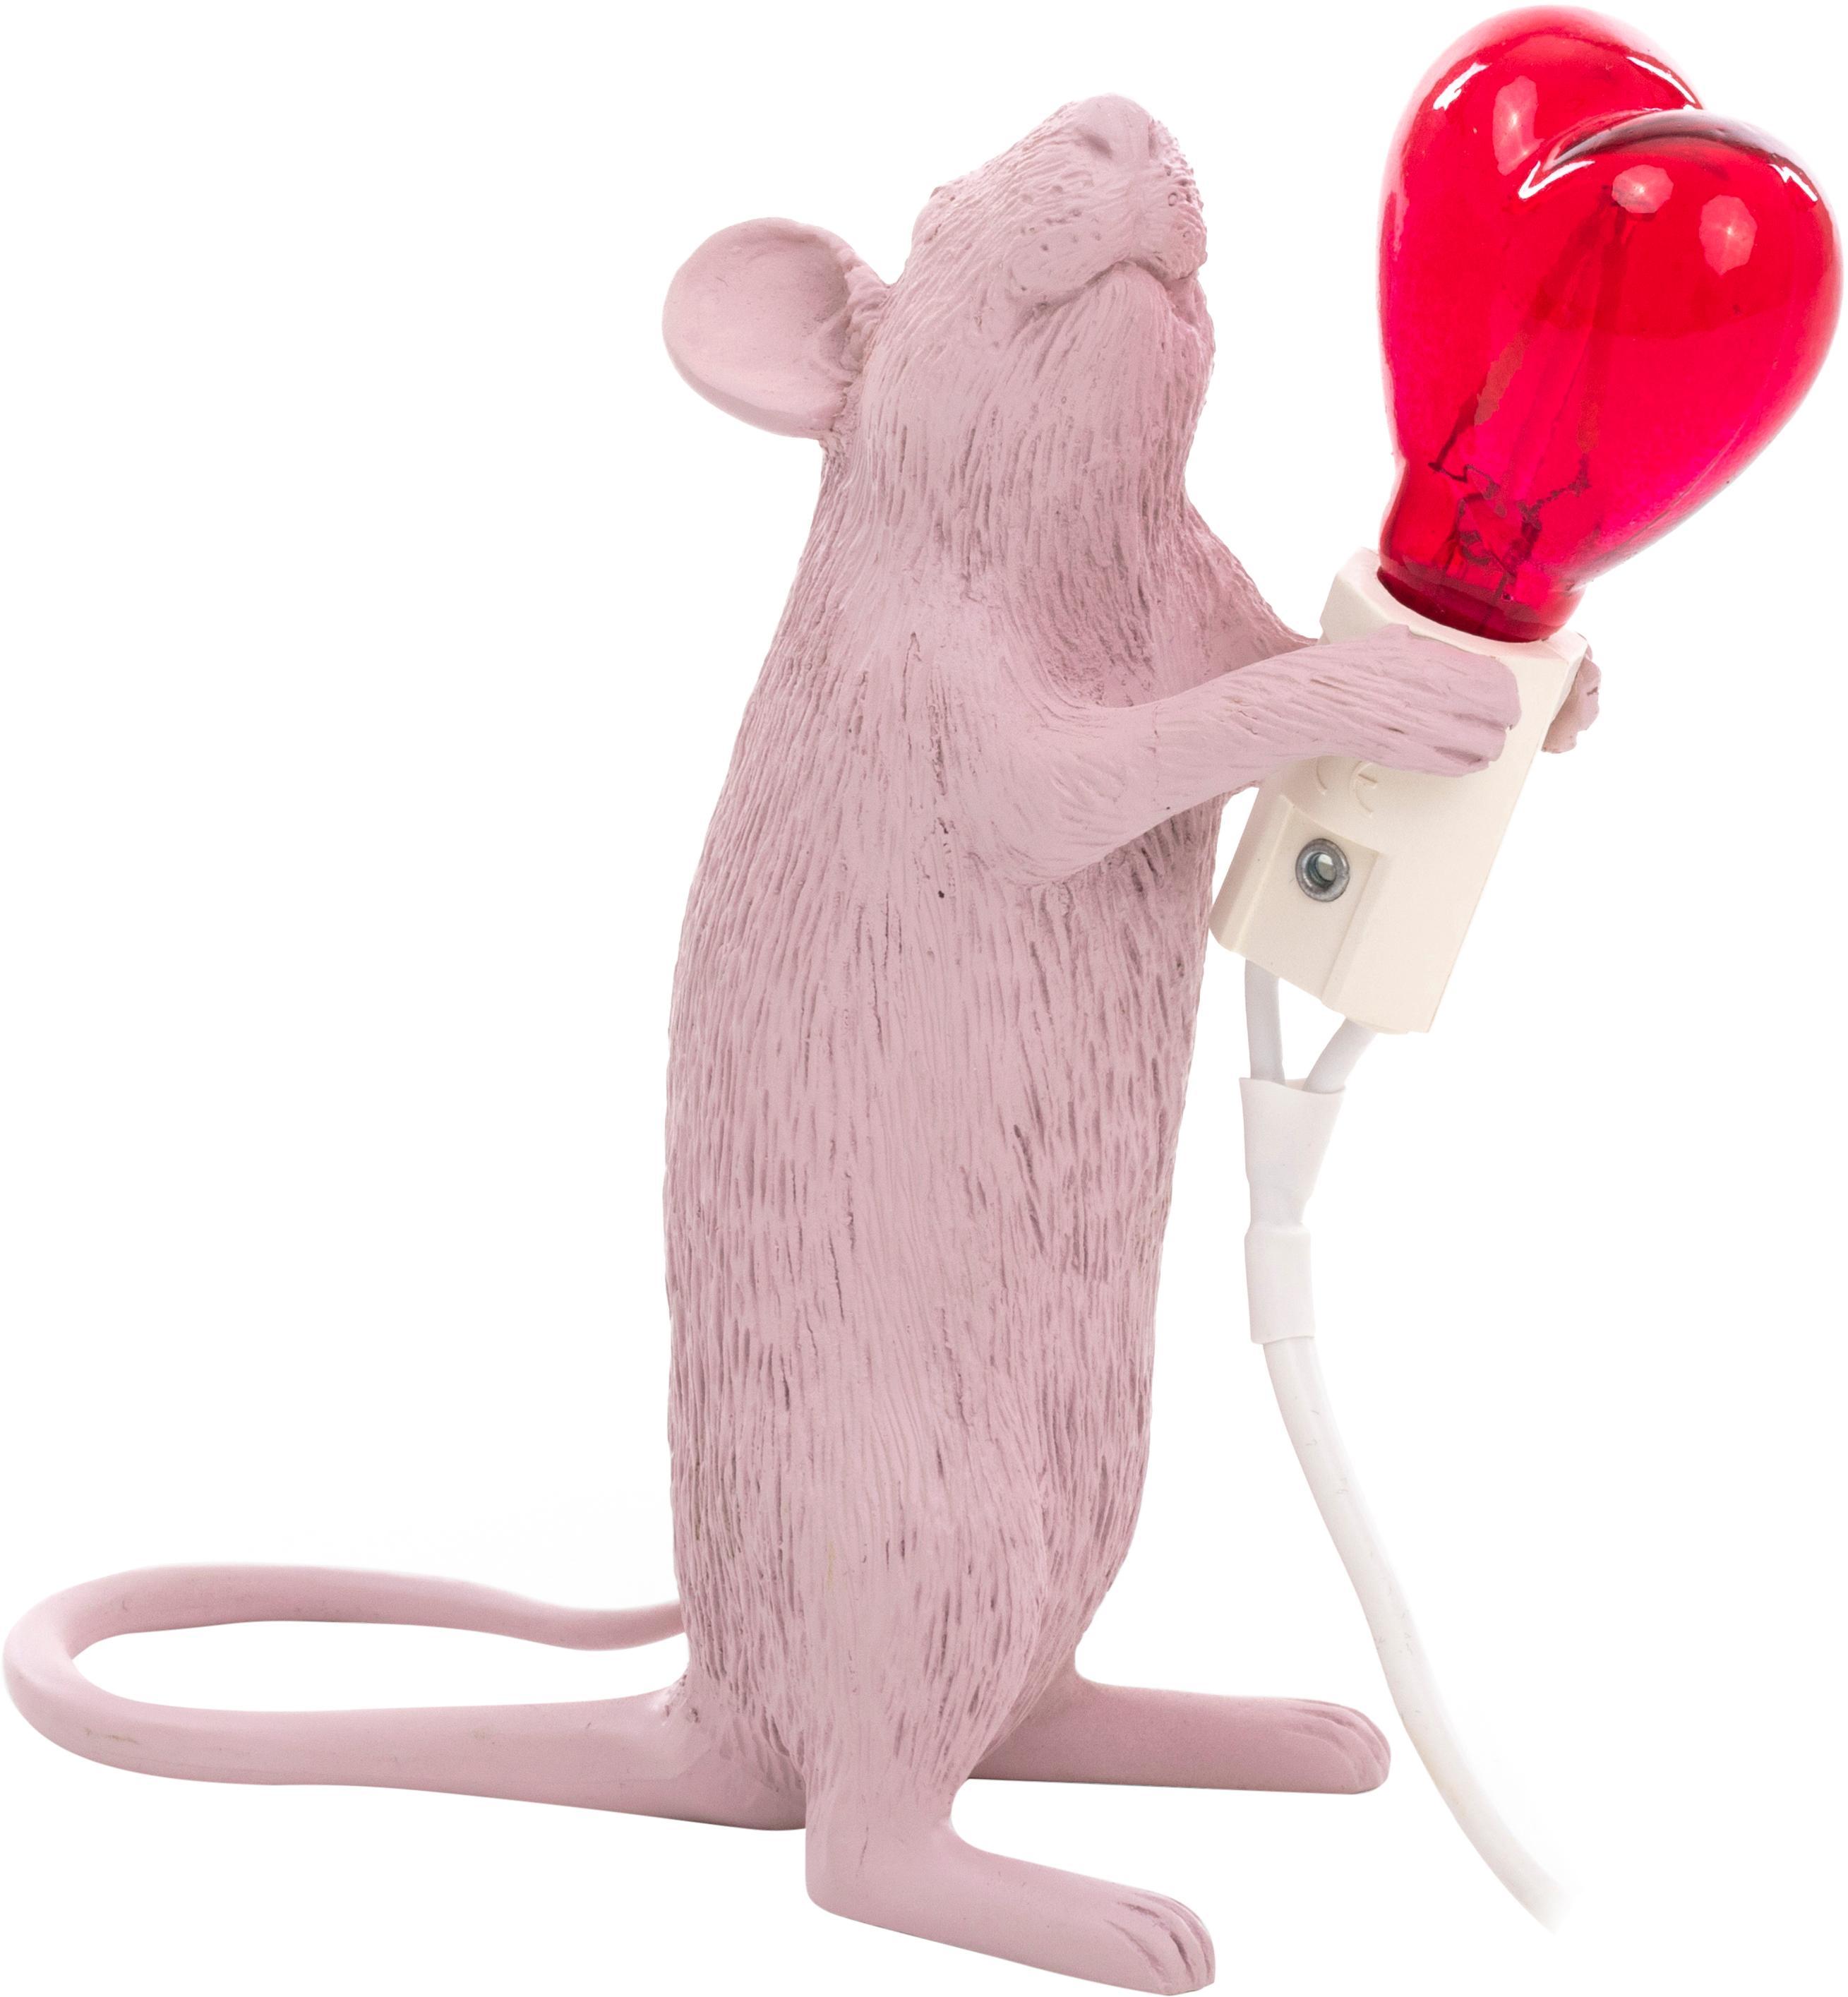 Design-Tischlampe Mouse Love, Rosa, Rot, 6 x 15 cm